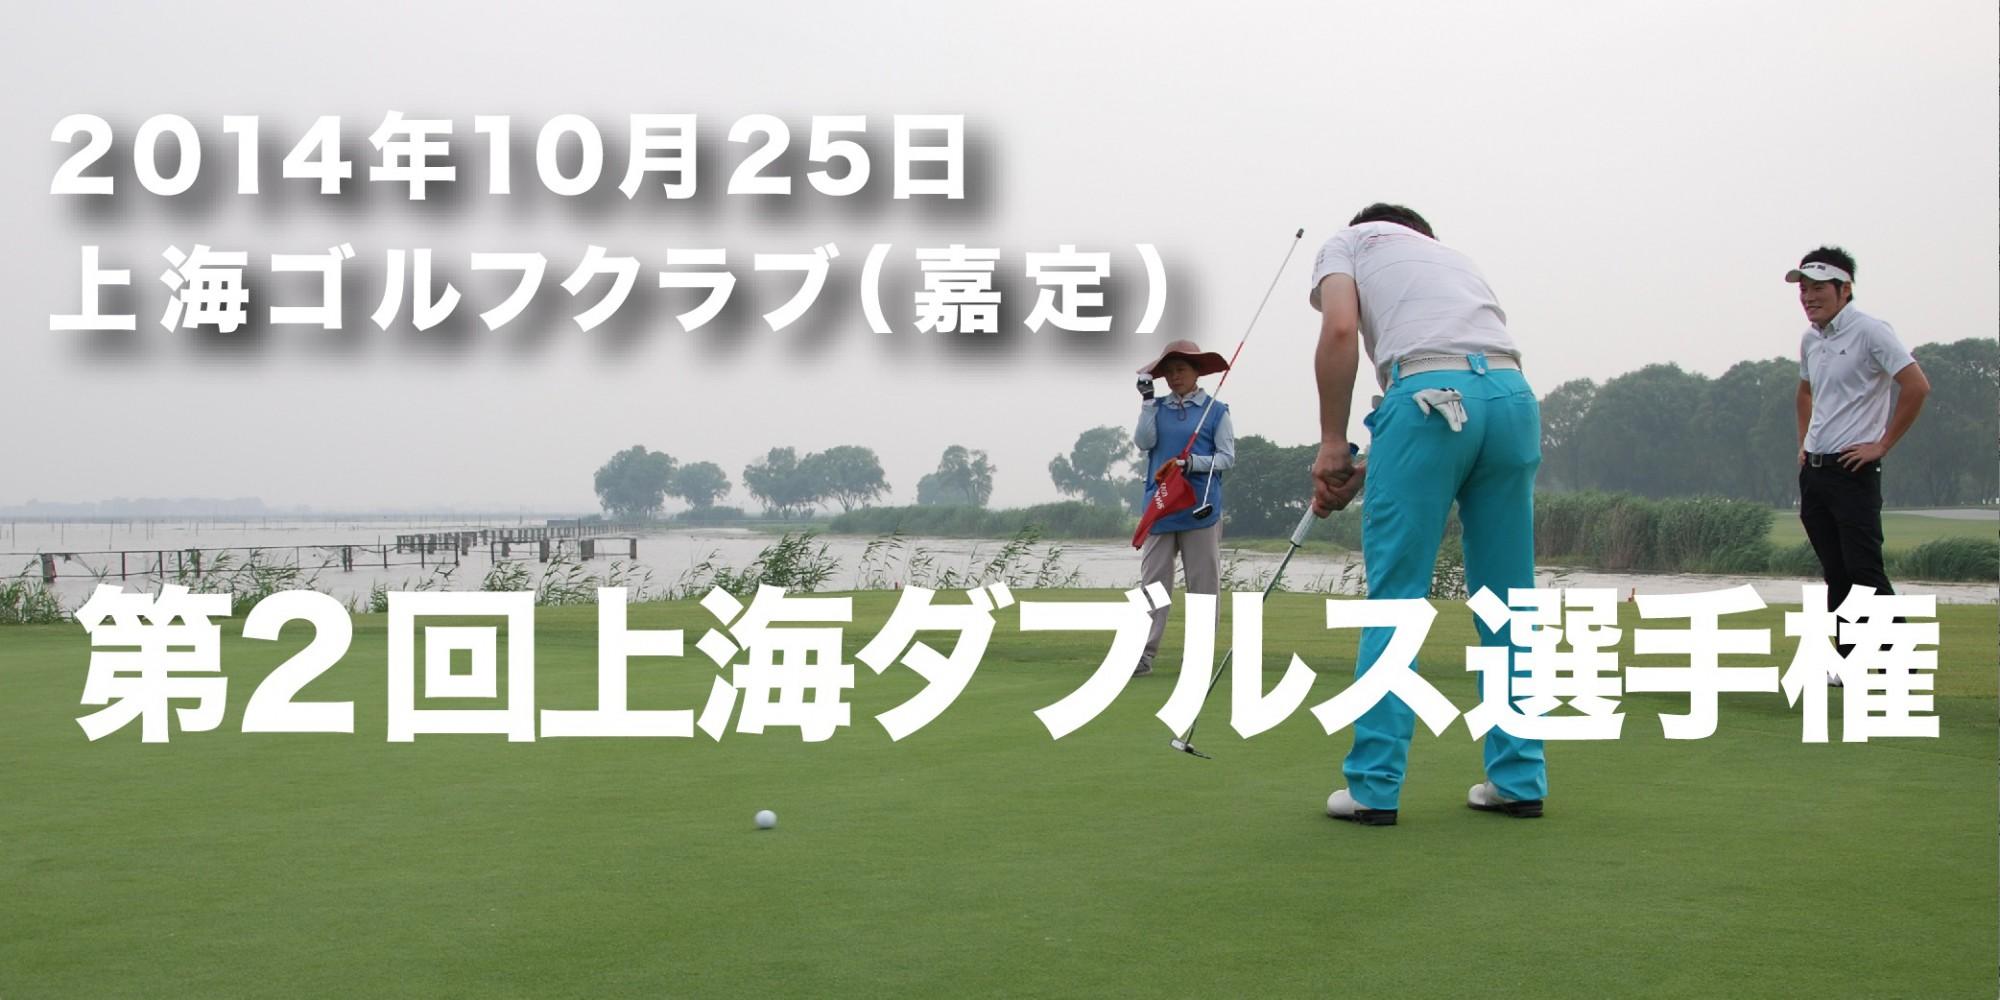 第2回ゴルフトゥデイ上海ダブルス/10月25日(土)嘉定